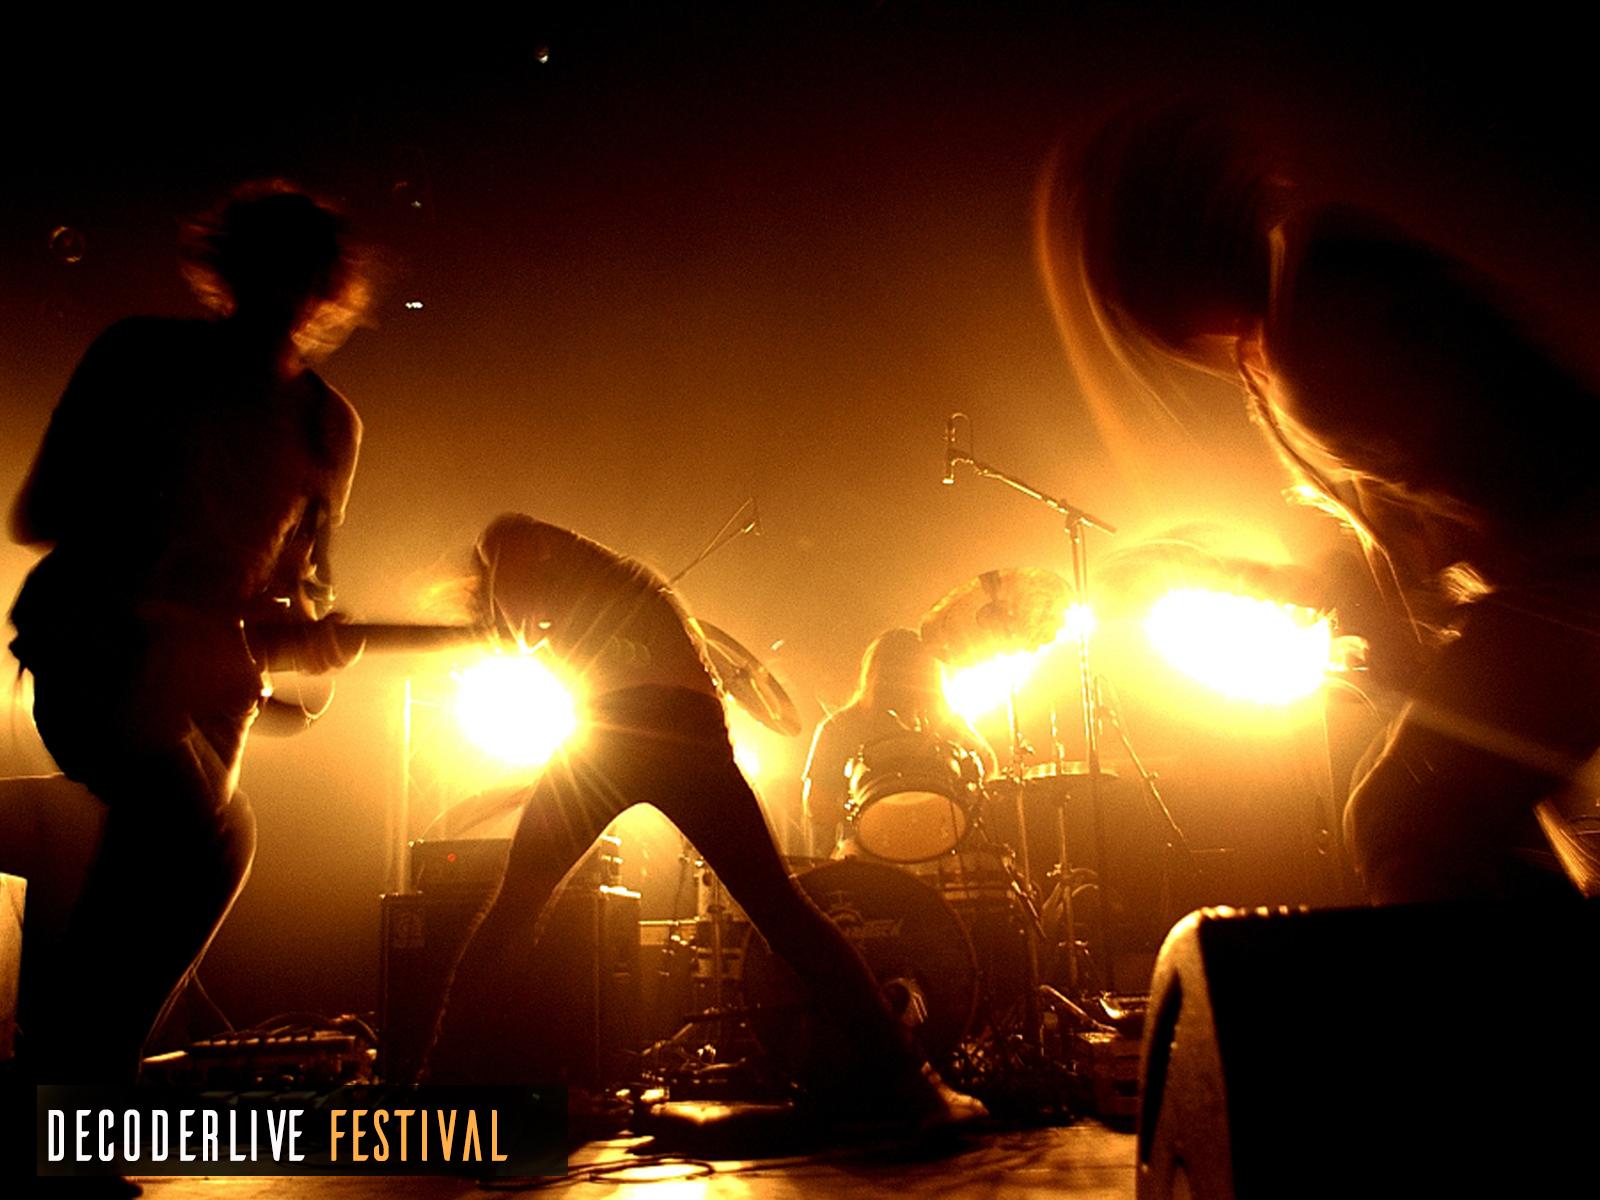 decoderlive festival